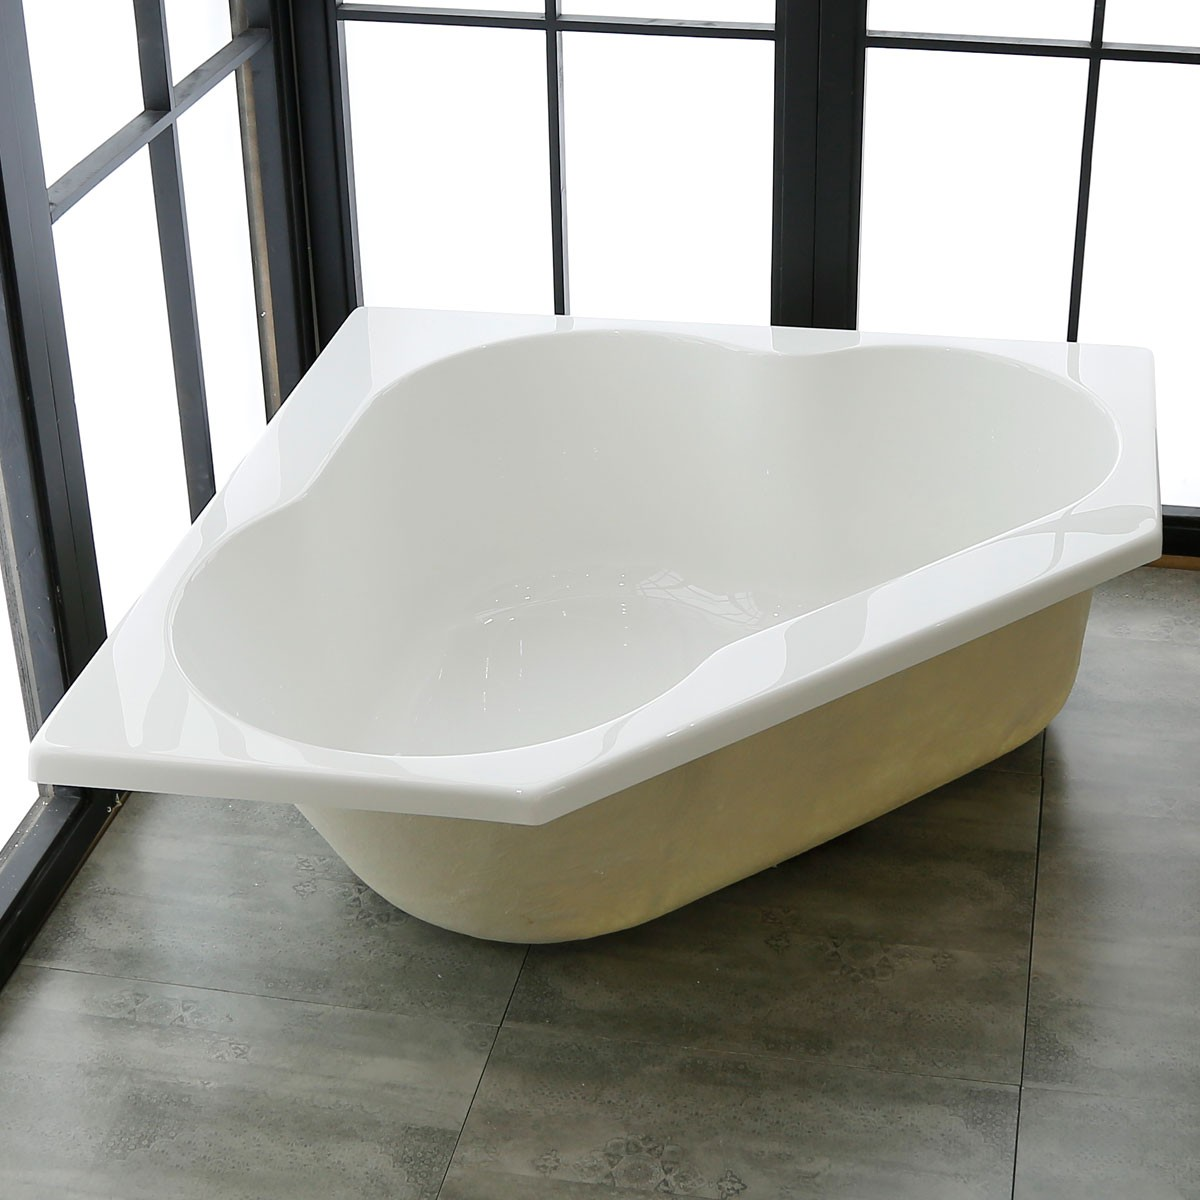 47 in triangle drop in bathtub acrylic white dk realmcb decoraport canada - Triangular bathtub ...